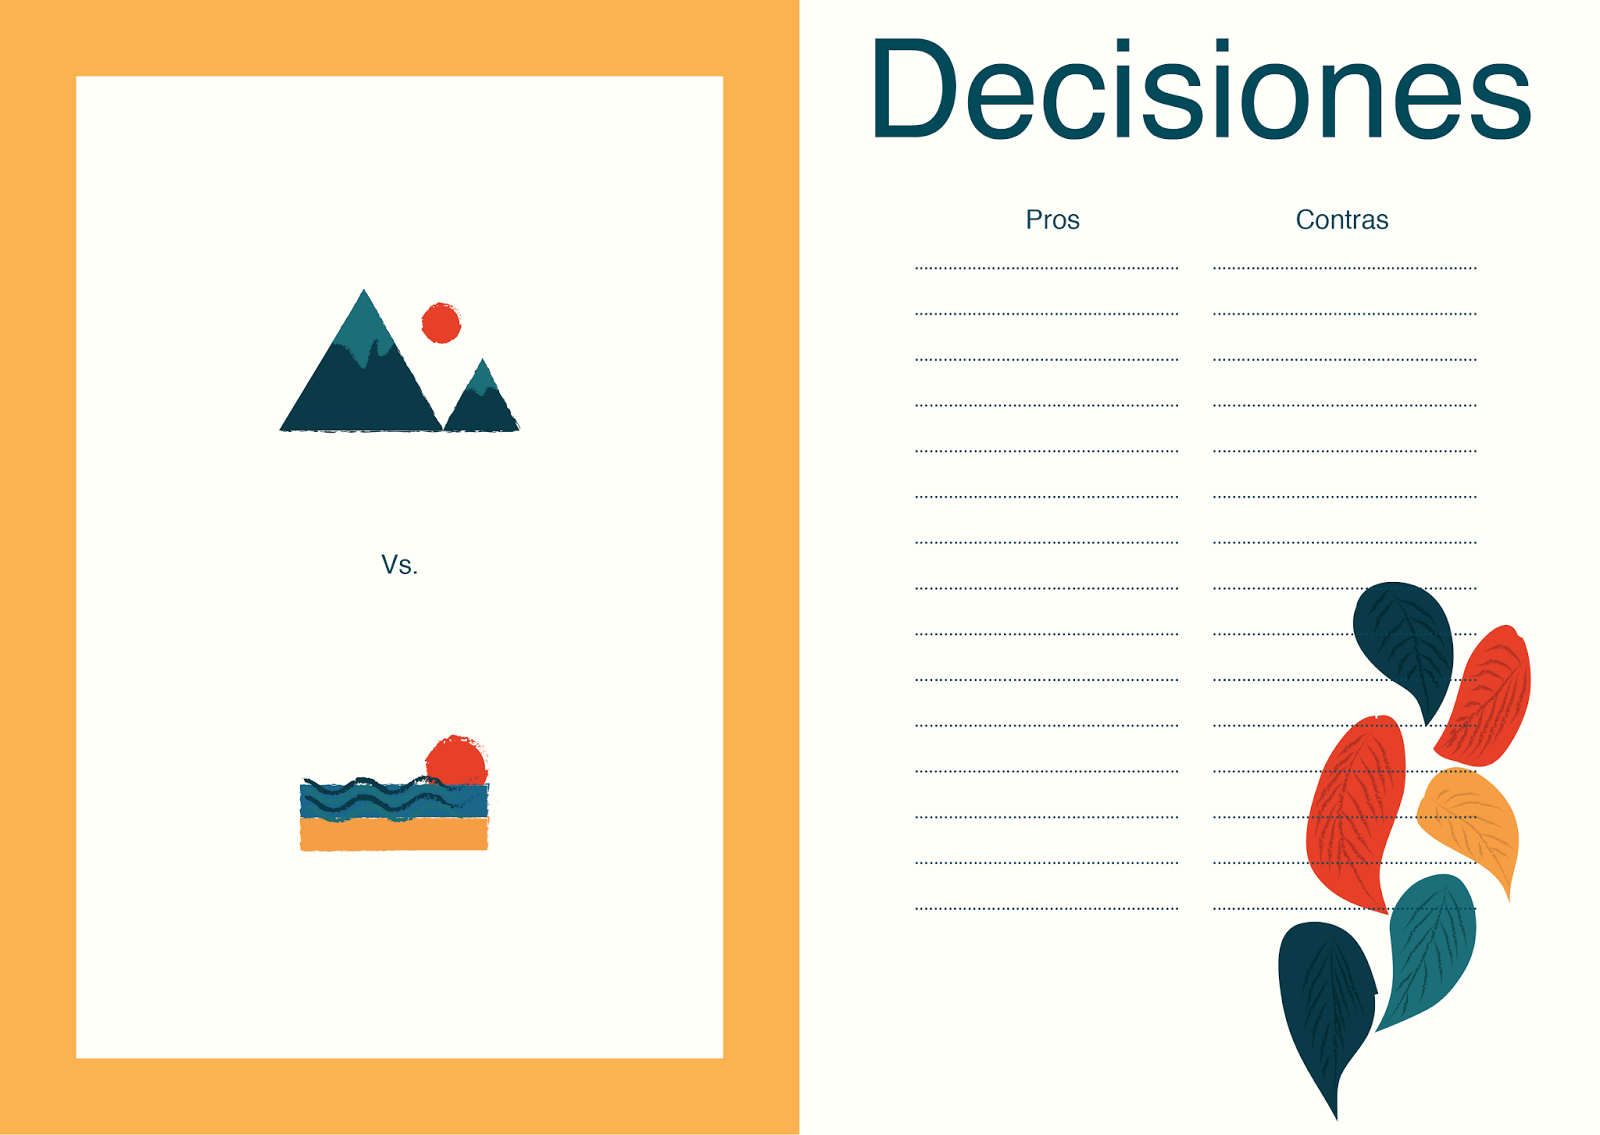 Imprimible para tomar decisiones